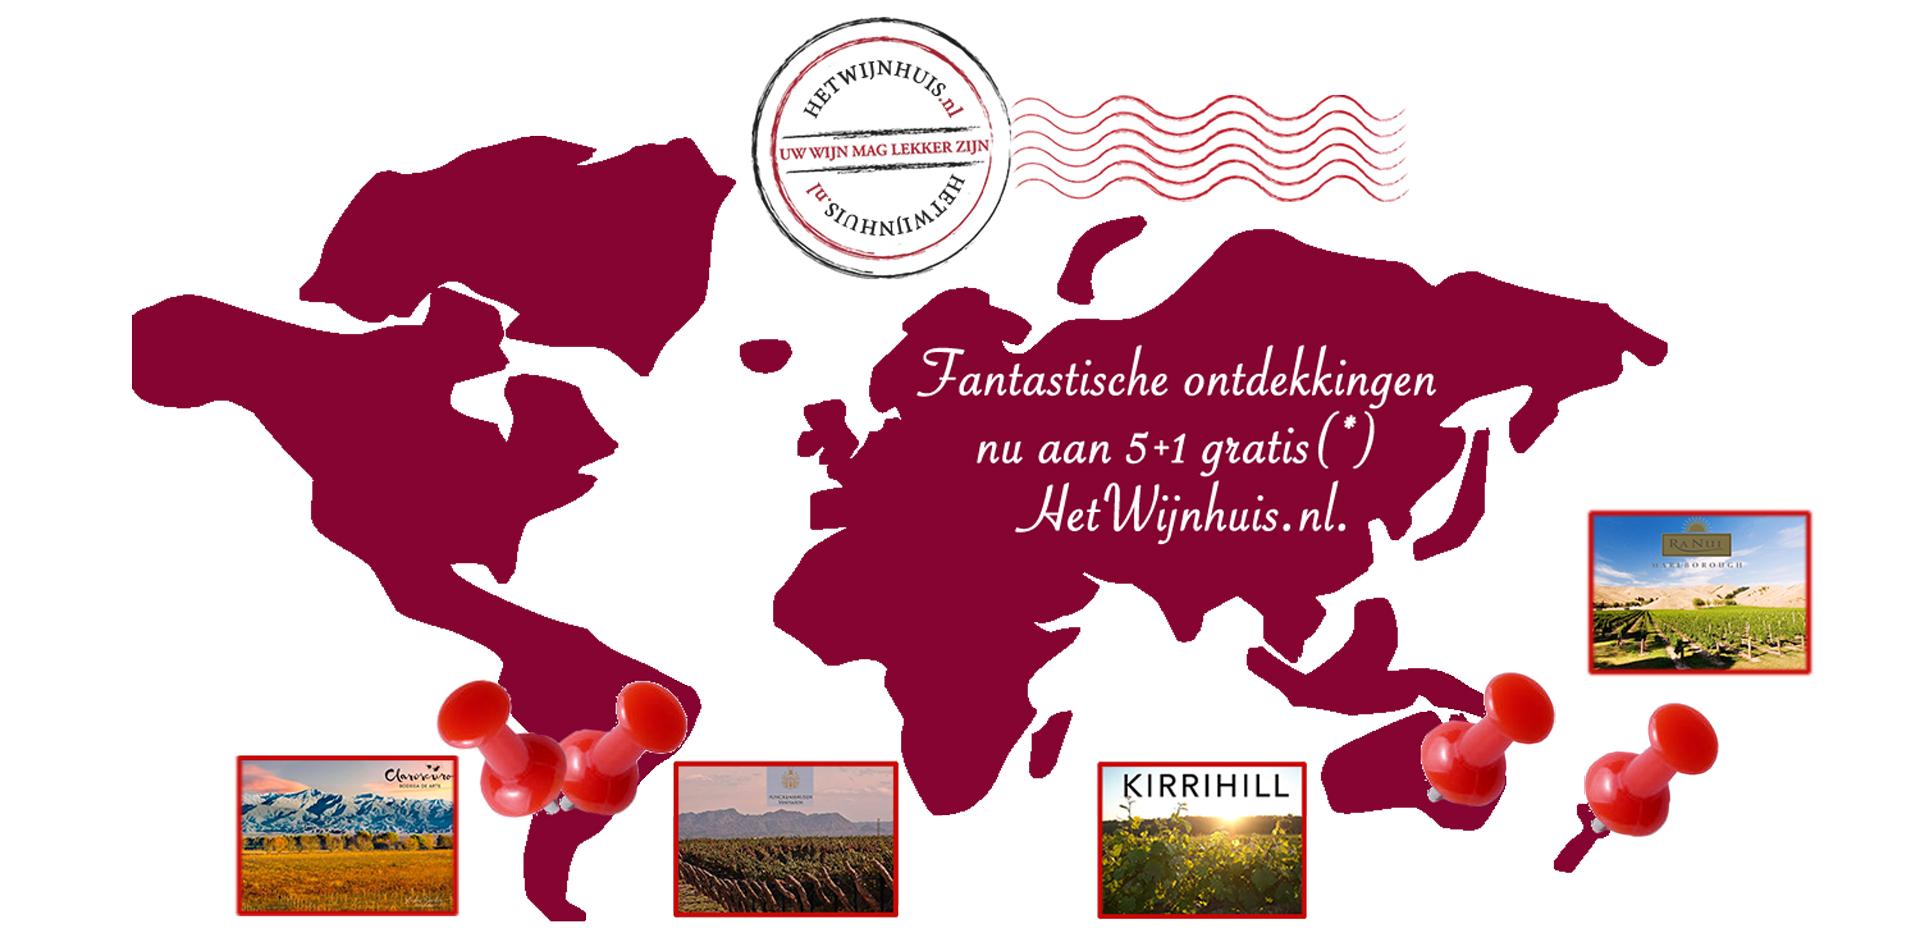 Wijn Promo 5+1 Argentinië Australië Nieuw-Zeeland